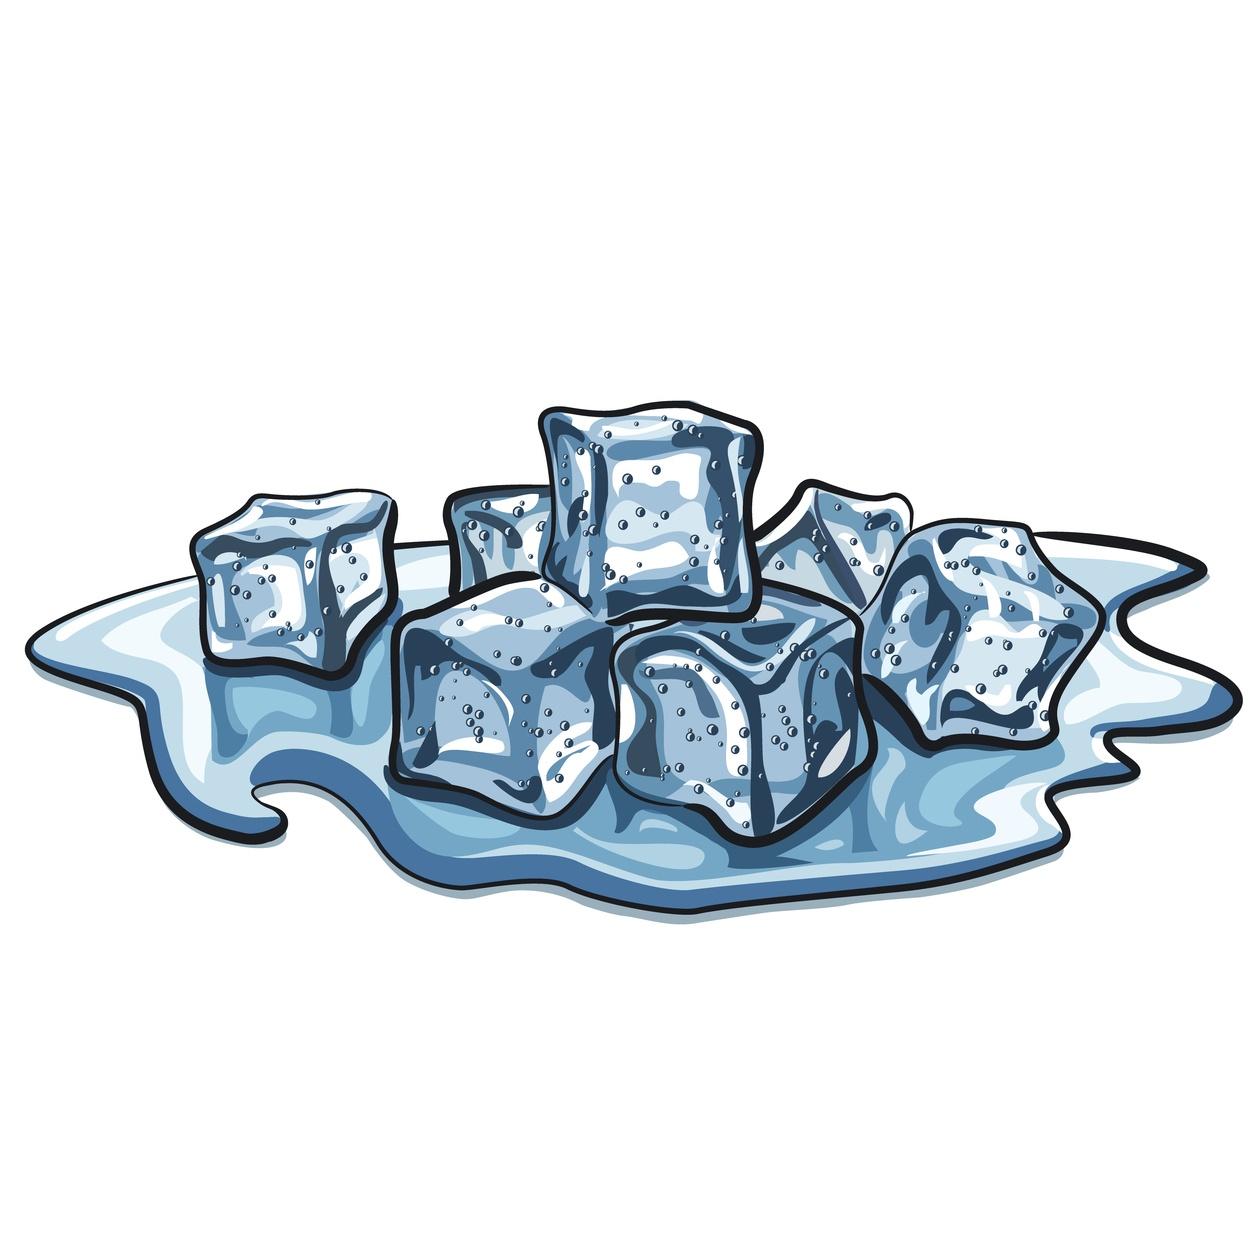 Ice Cubes Photoshop brush